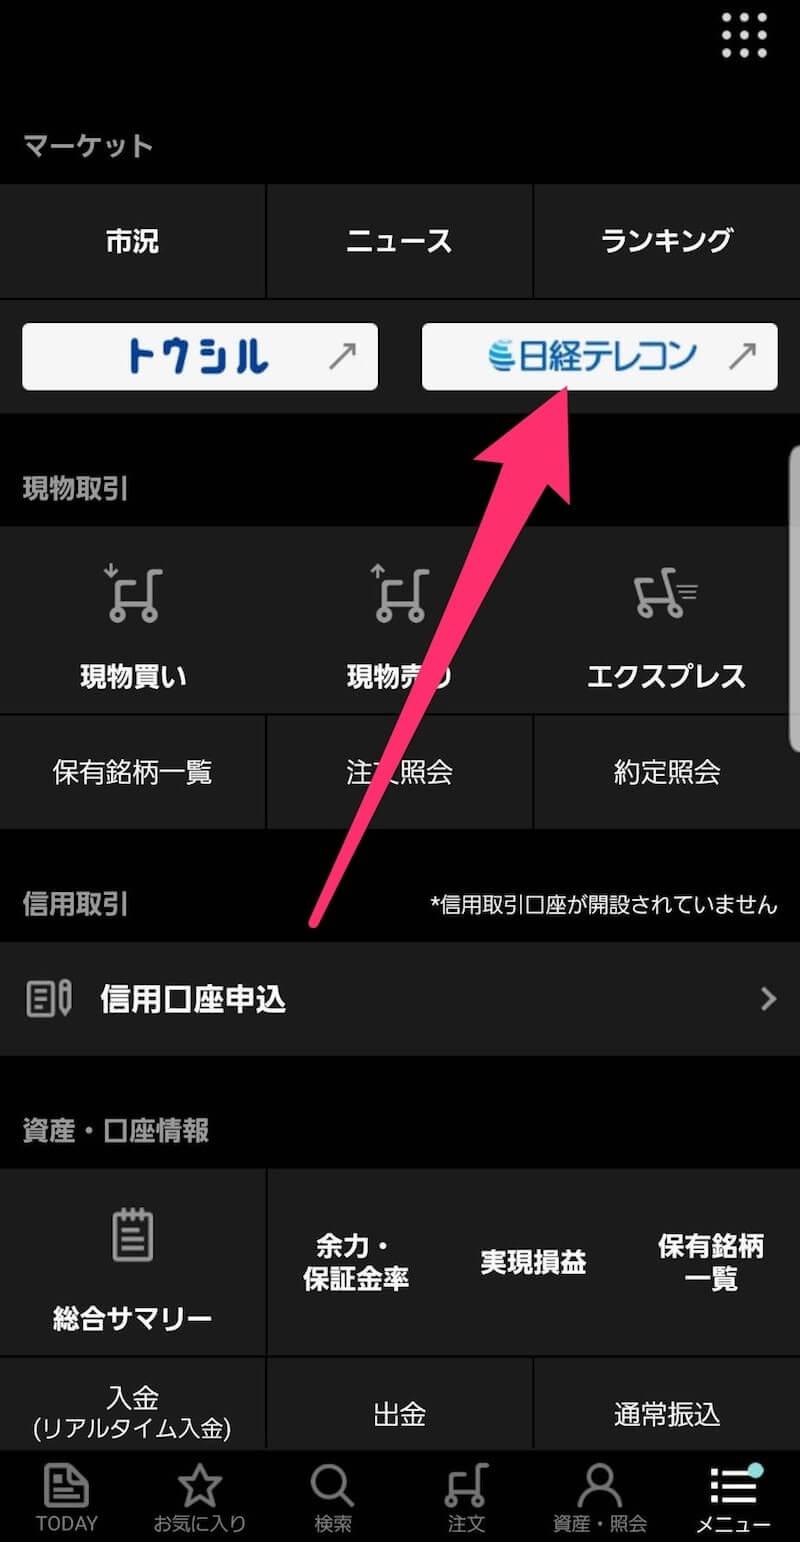 日経テレコンというメニューが表示されるのでクリック